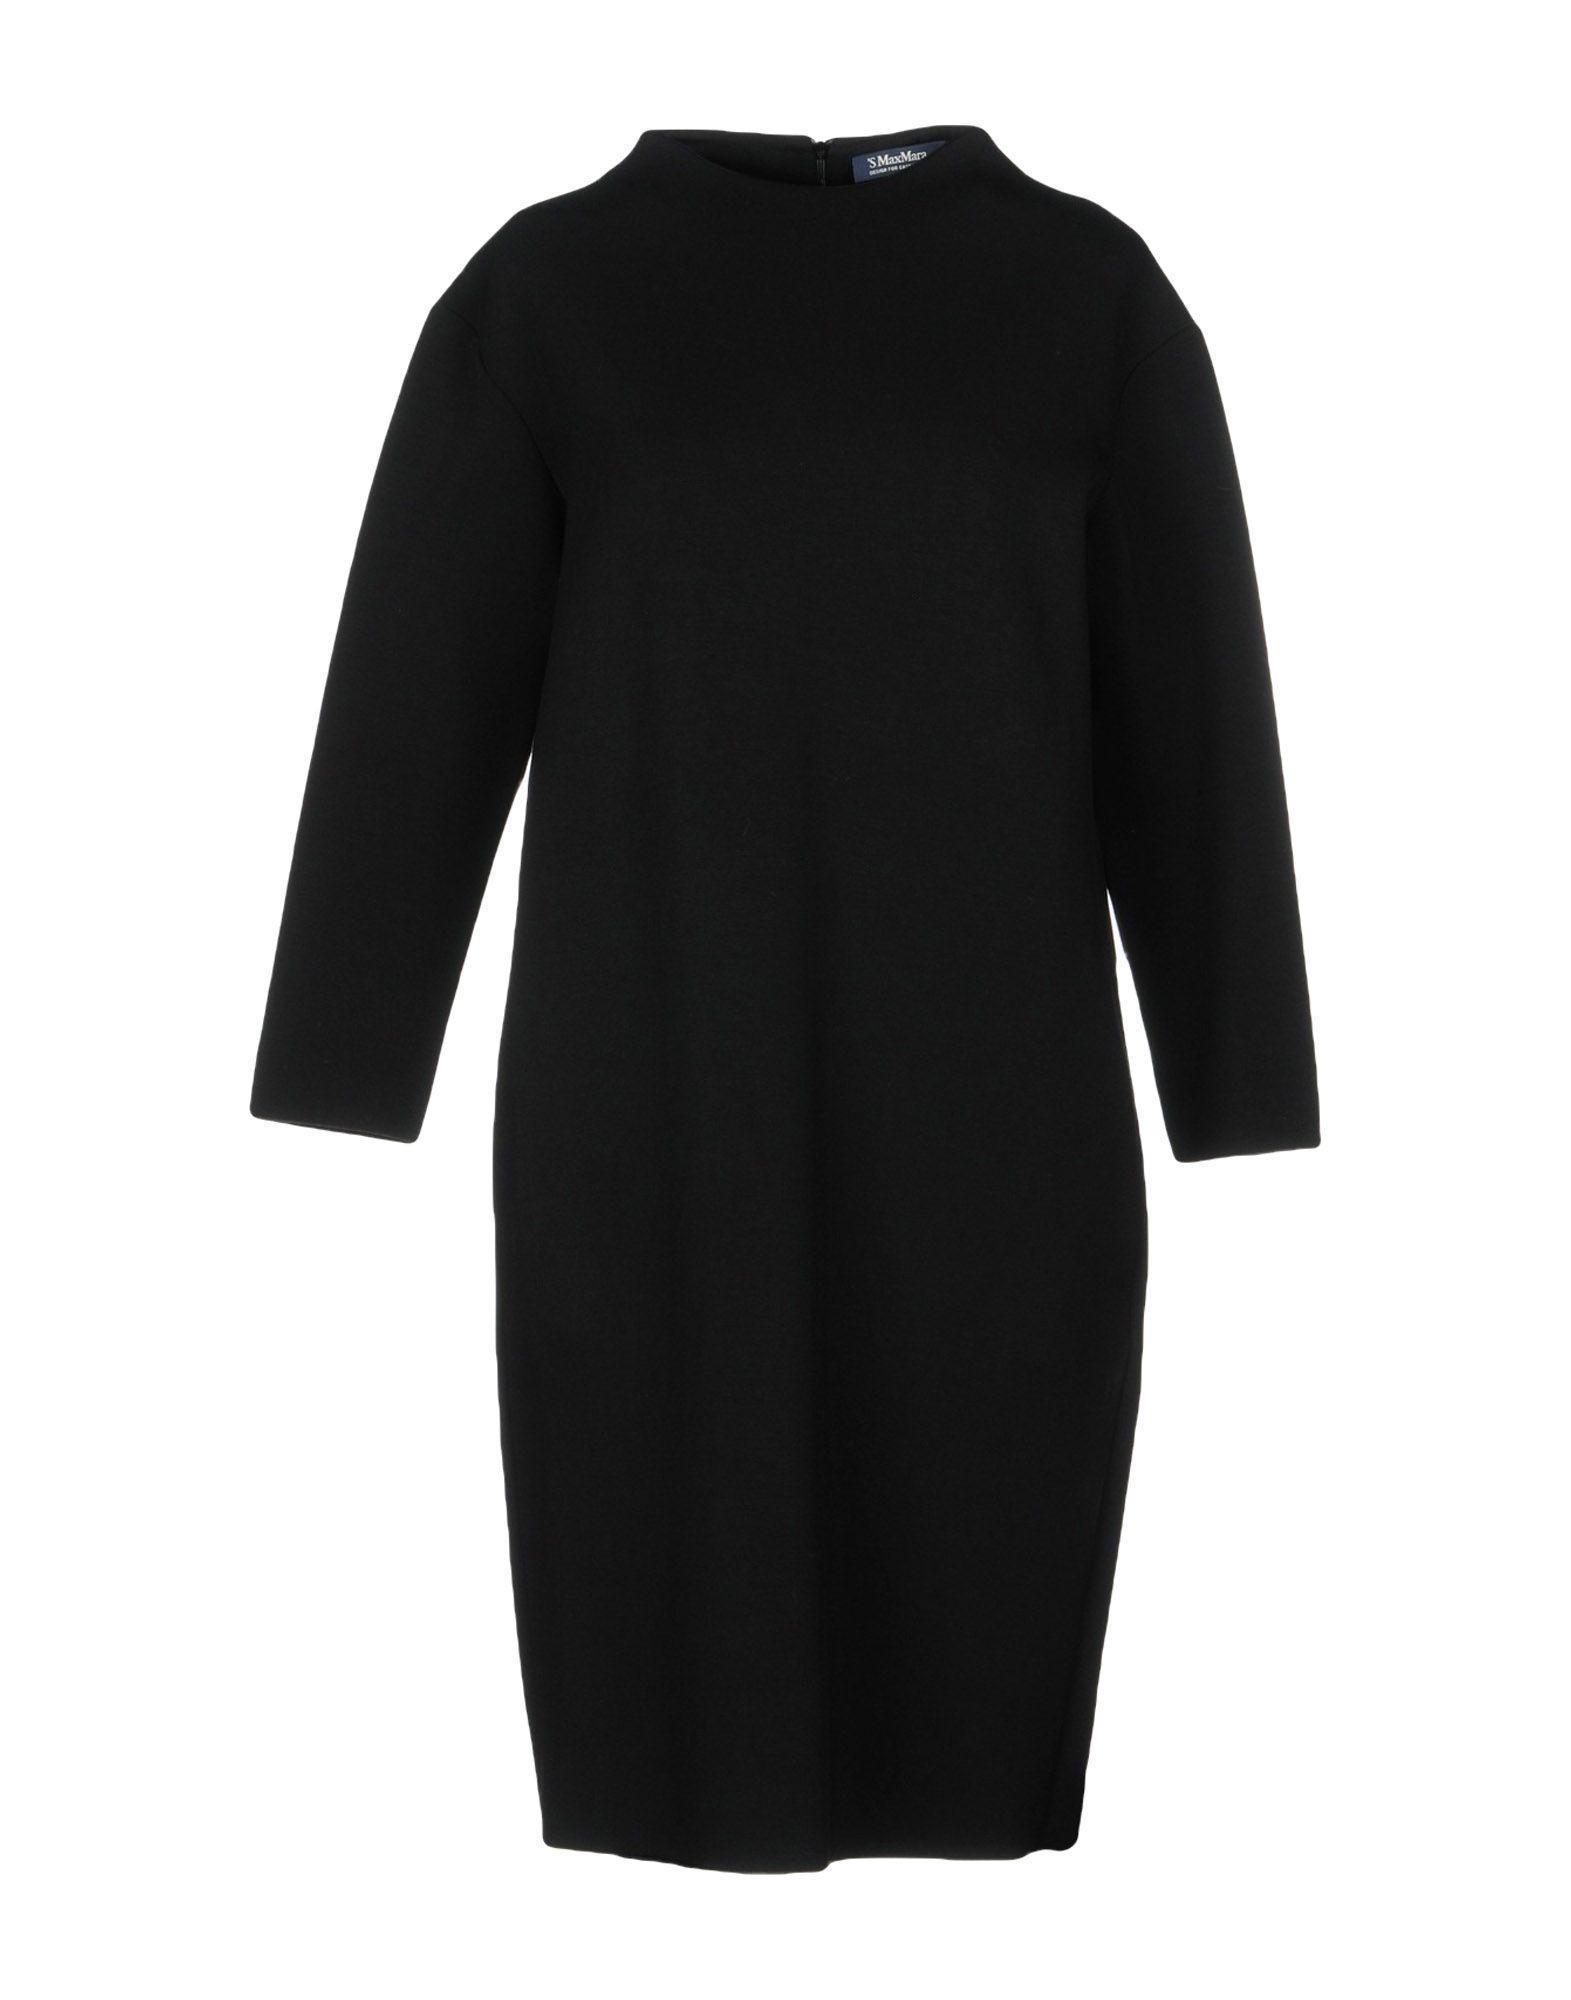 Max Mara Knee-length Dresses In Black